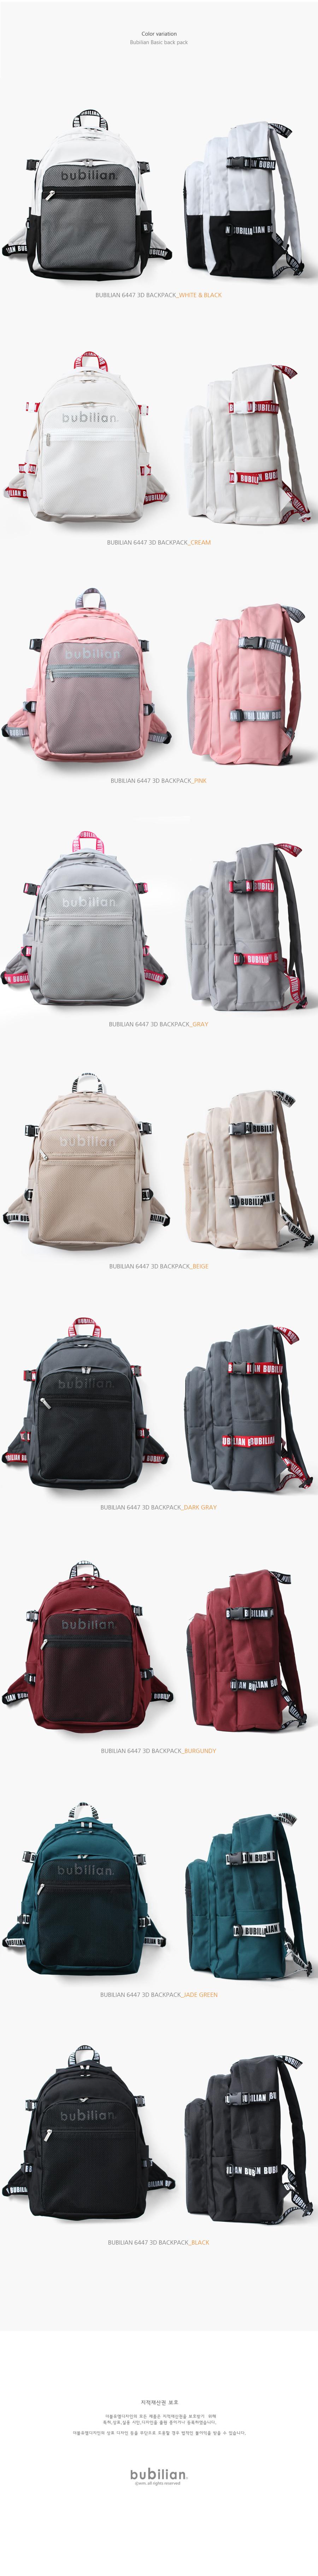 [키홀더 포함] bubilian 6447 3D backpack_white&black